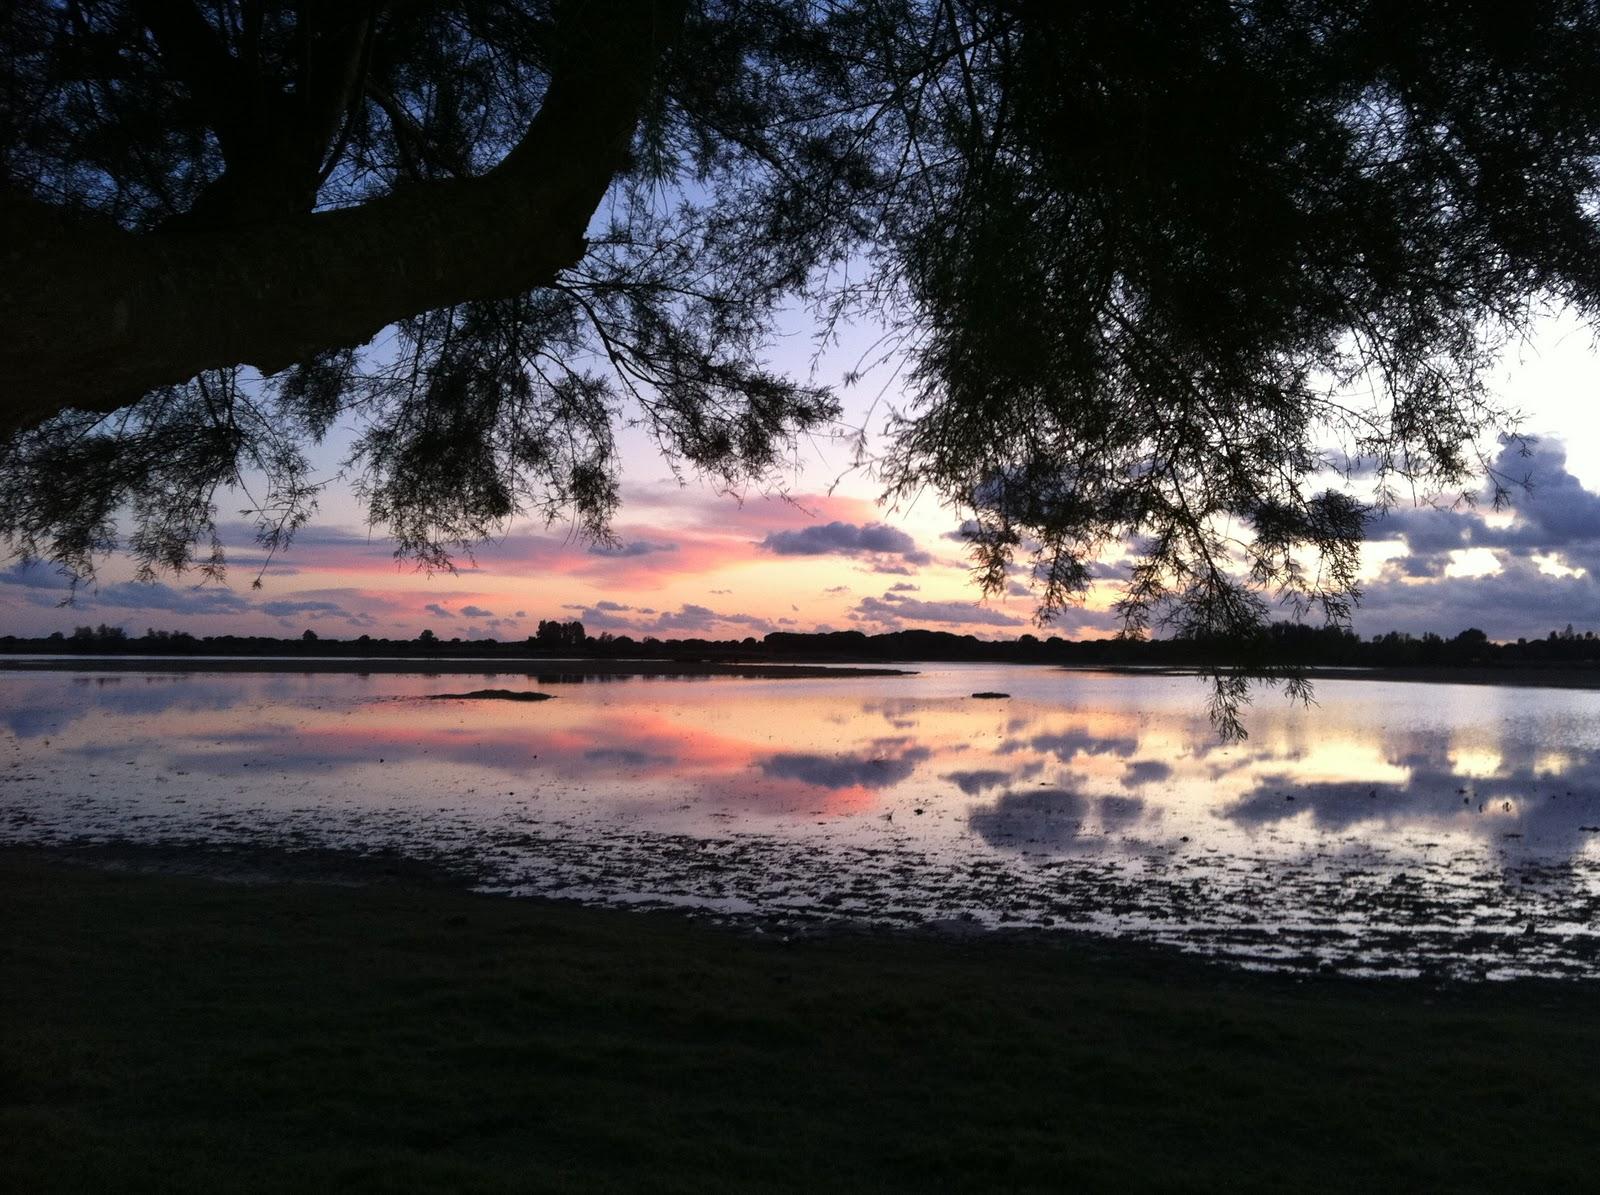 Anochecer en Doñana